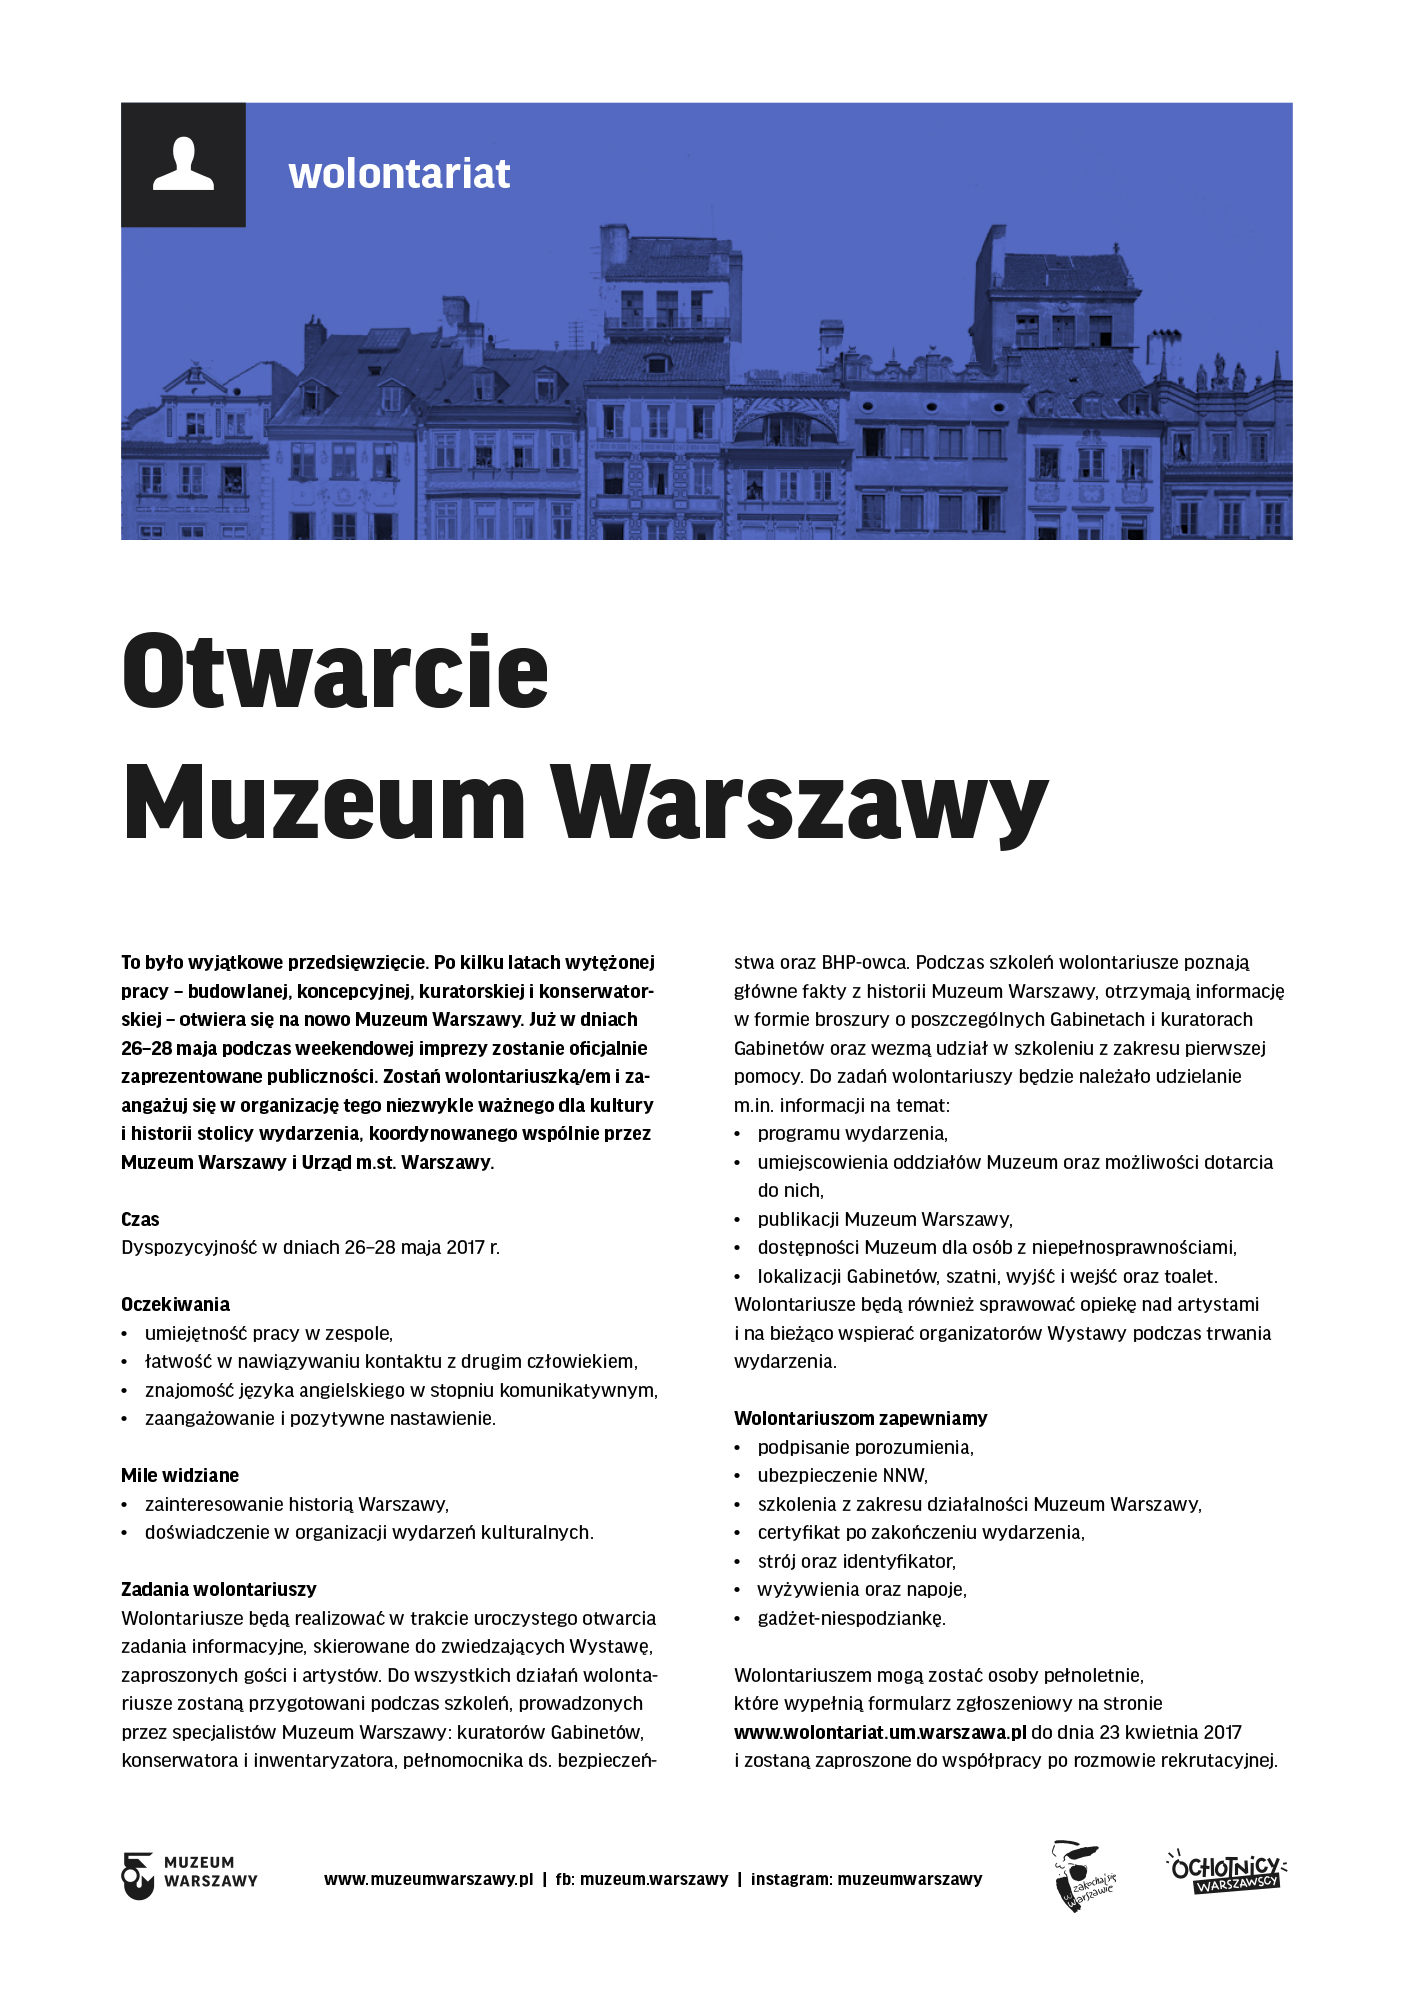 Wolontariat podczas otwarcia Muzeum Warszawy